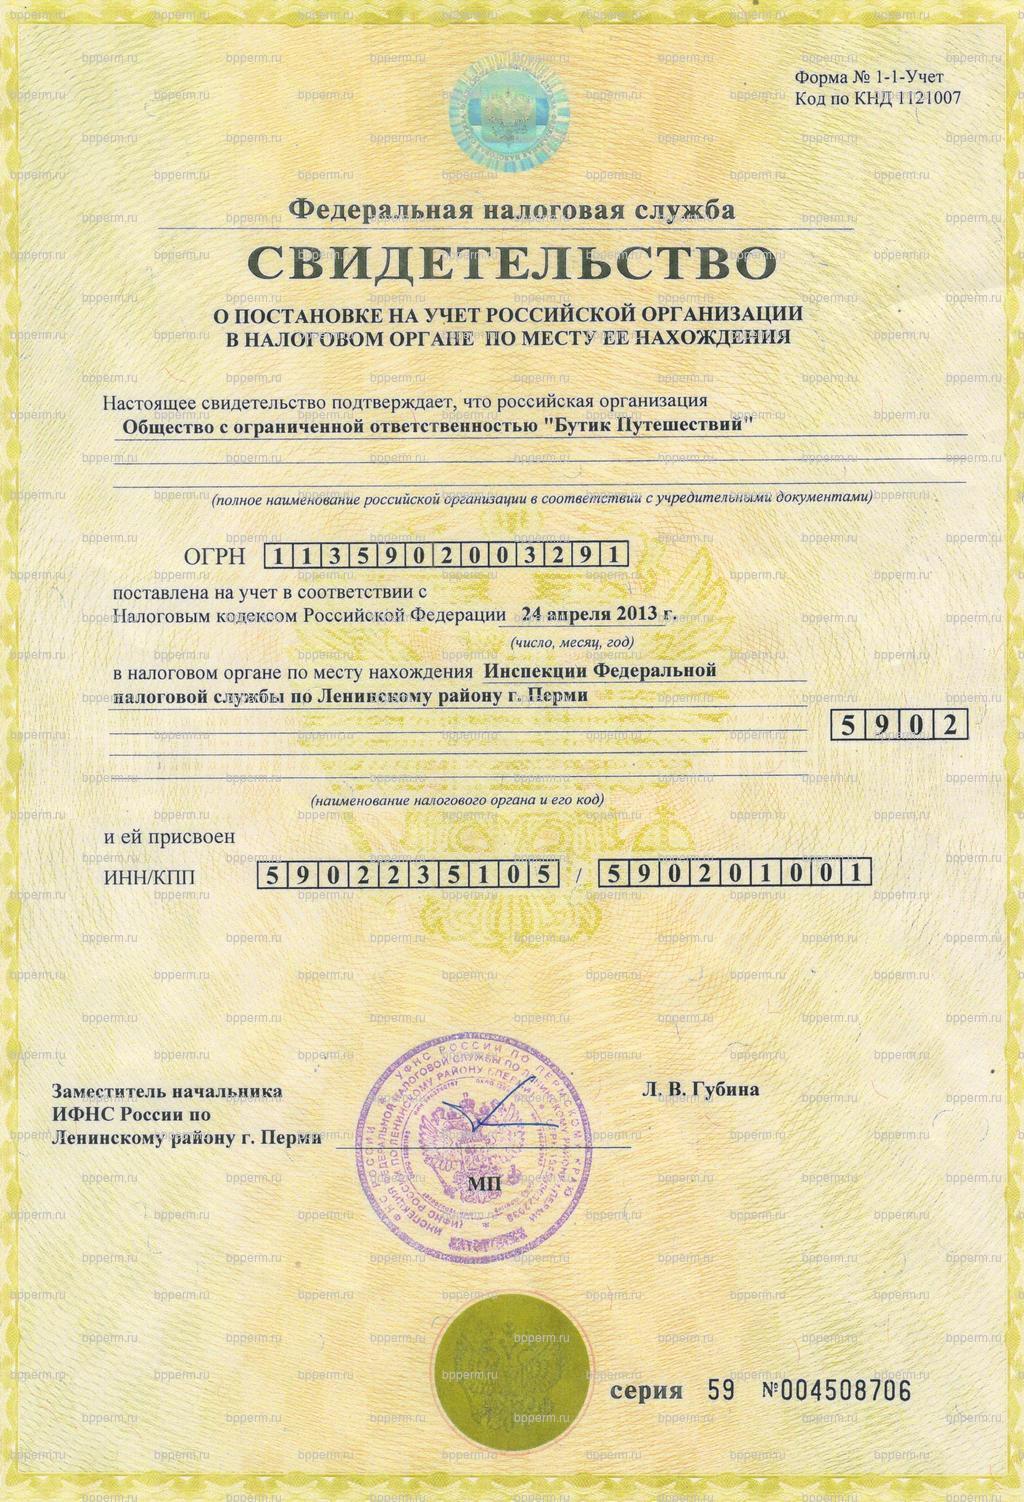 Партнеры и дилеры мидл по всей россии представительства и